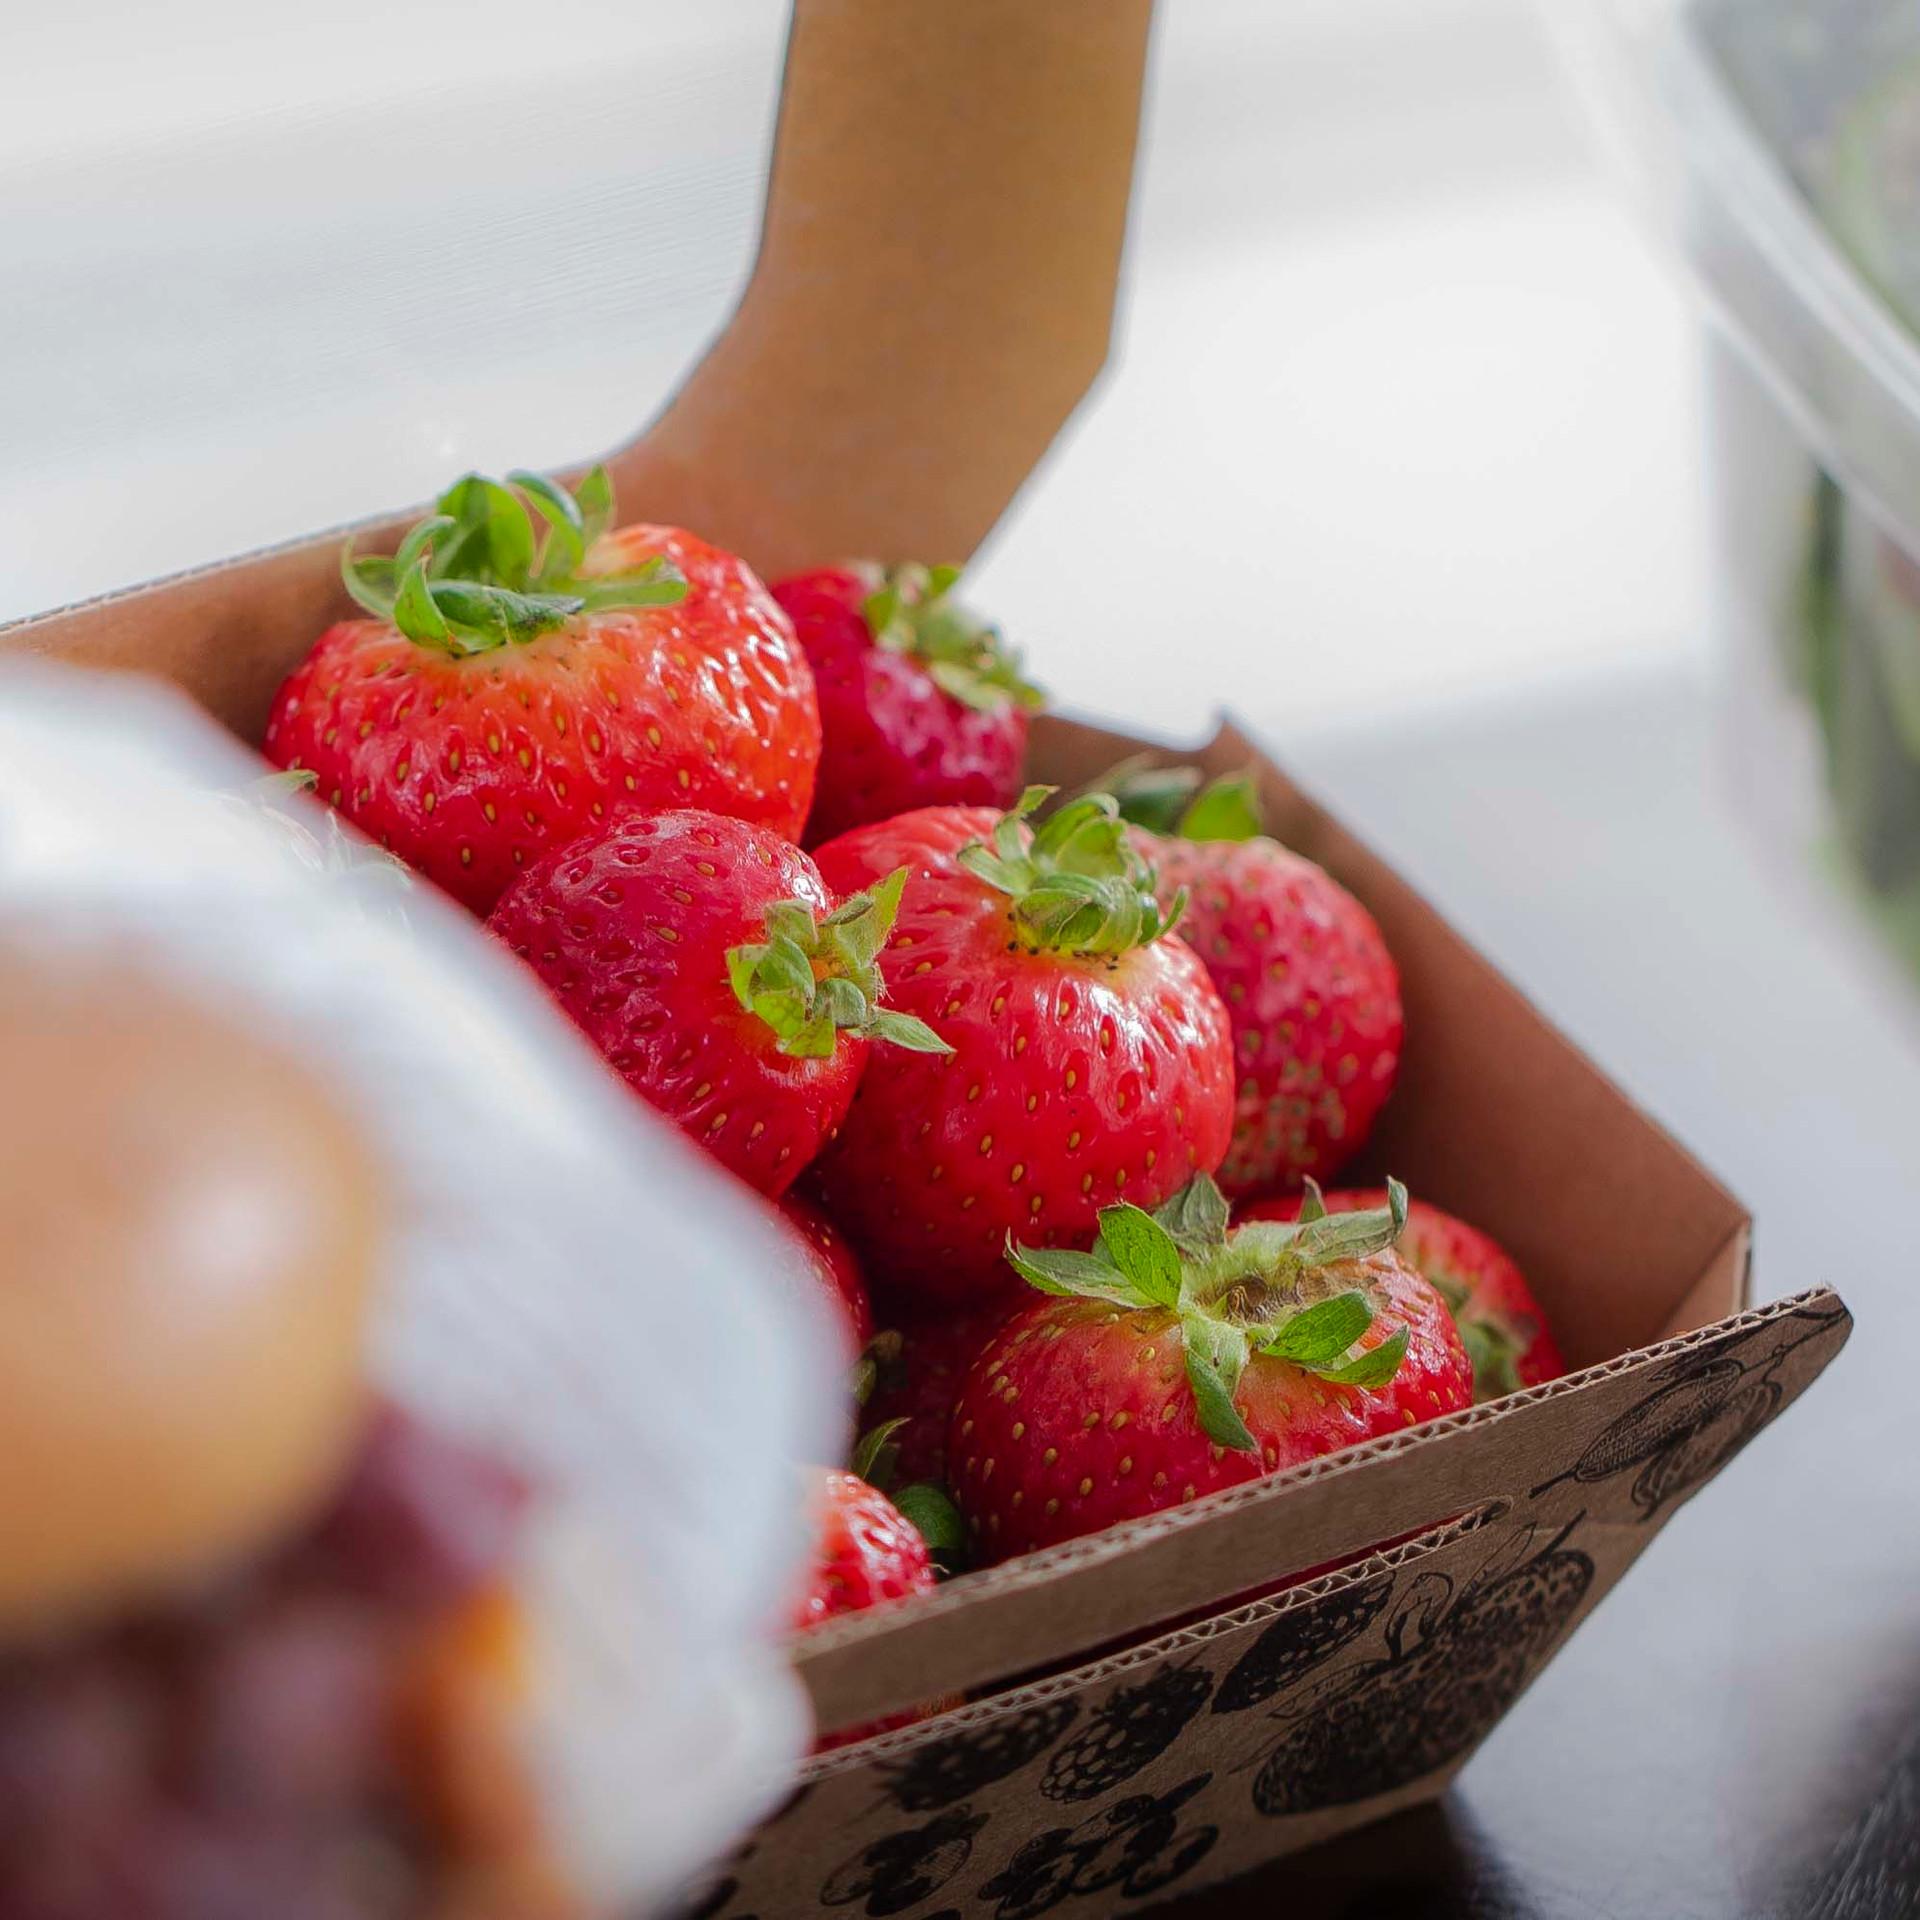 Frutillas - Fotografía - Foodstyling - claudiography.com Fotografía de productos - claudiography.com  Fotografía Publicitaria - Frutillas